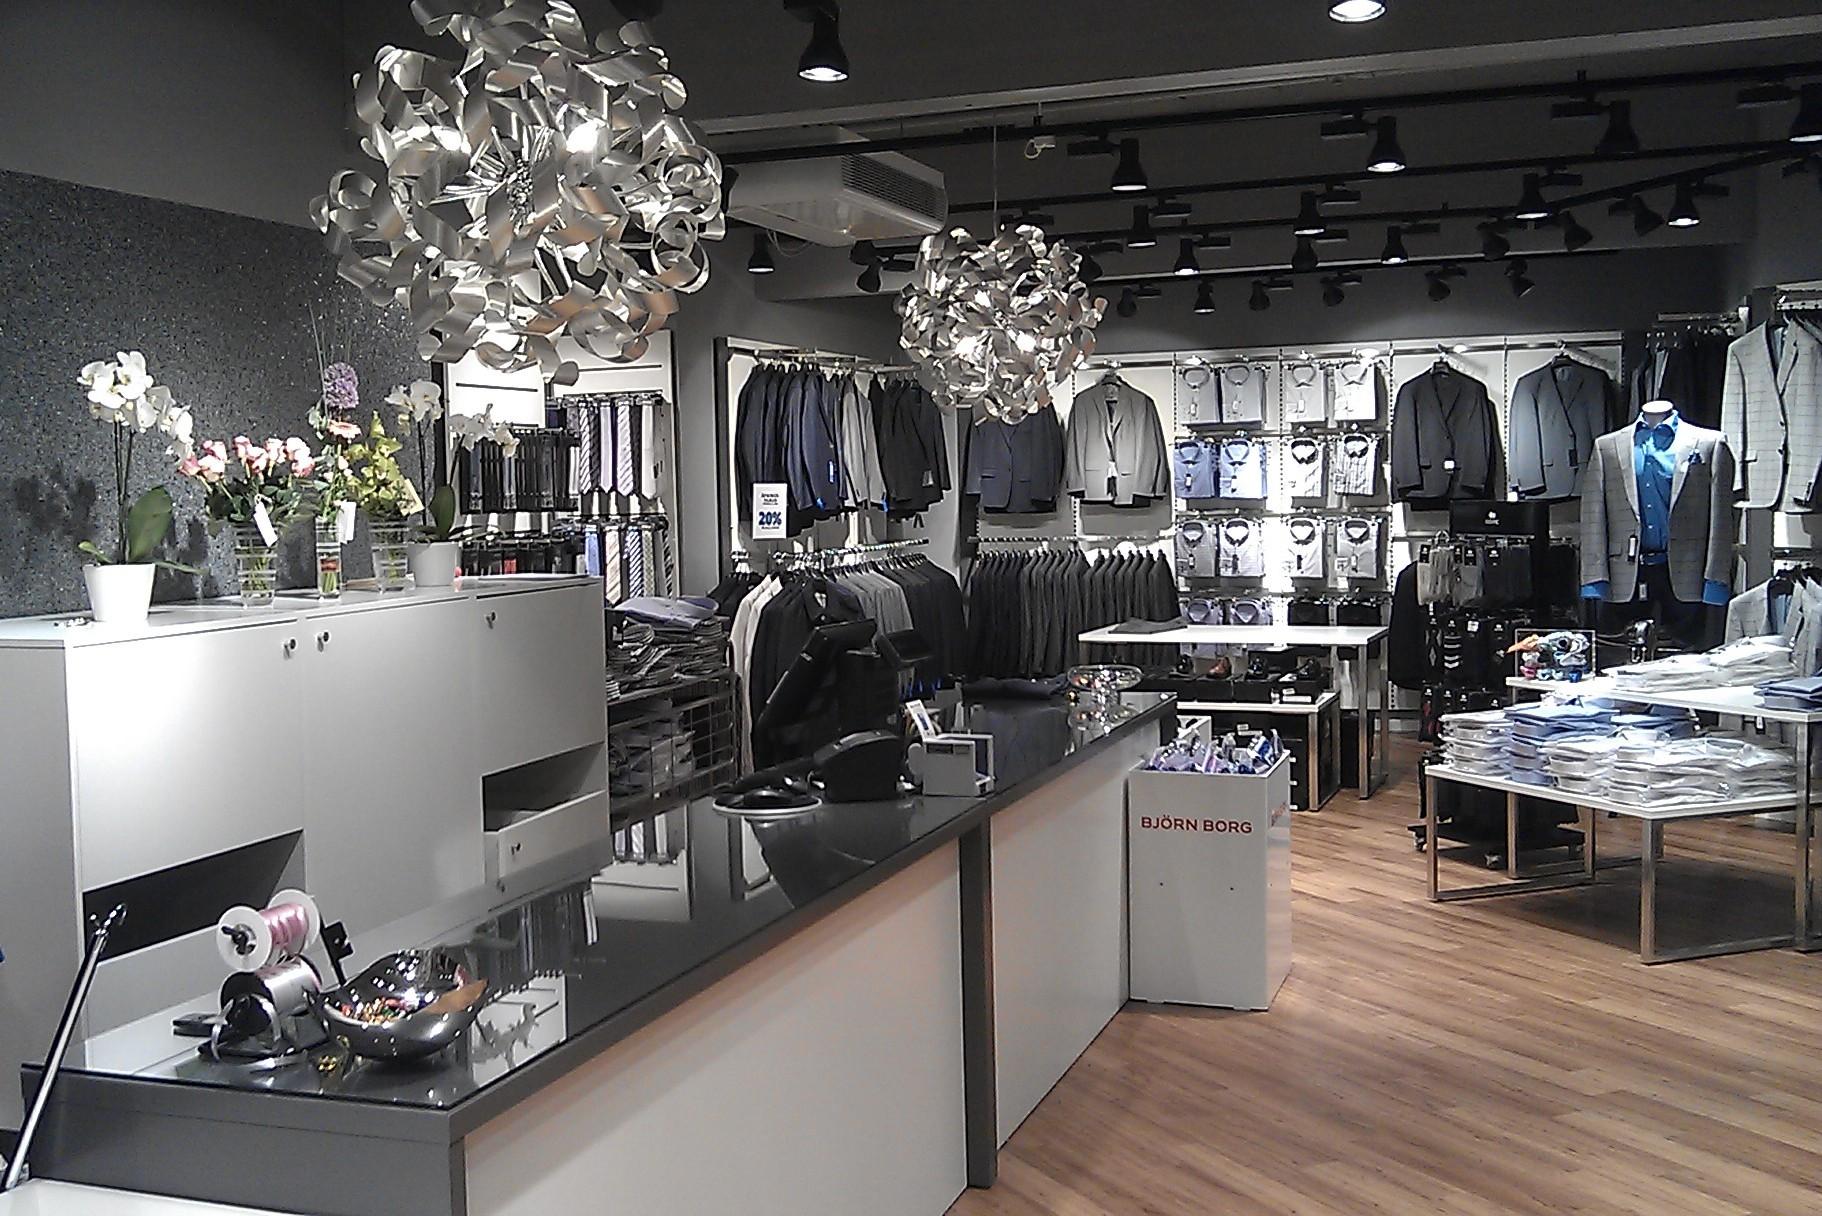 Butikkens indretnings koncept hvor hvide og grå nuancer går igennem. Butiksinventar